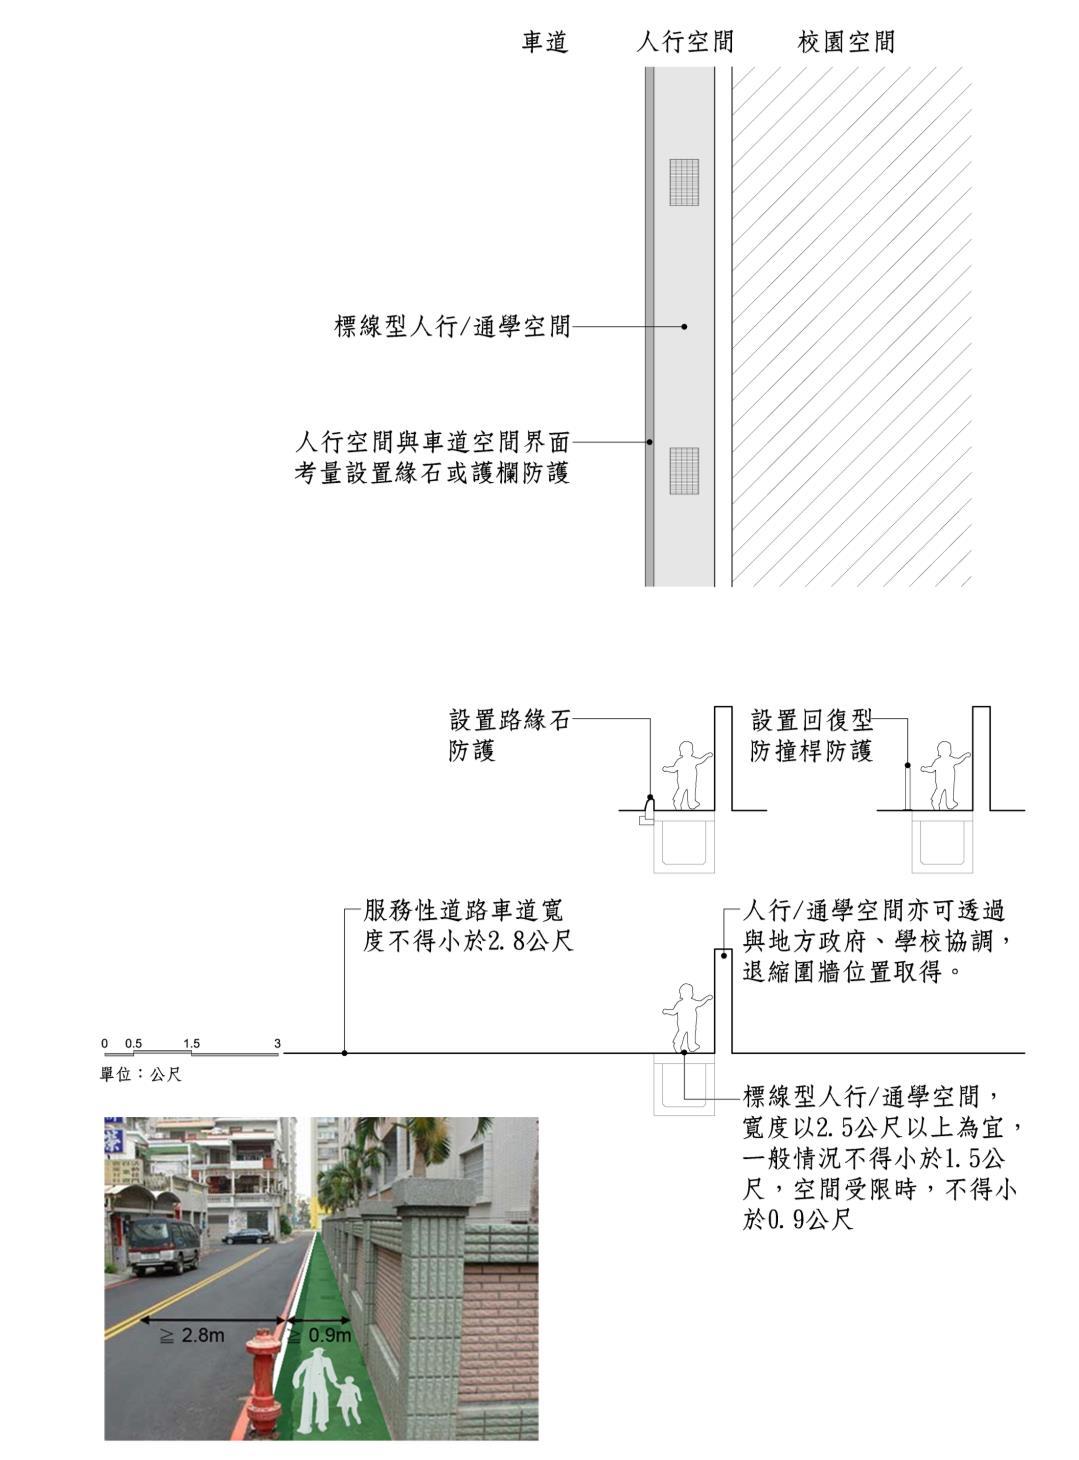 圖5-4-1 通學步道參考圖(一)